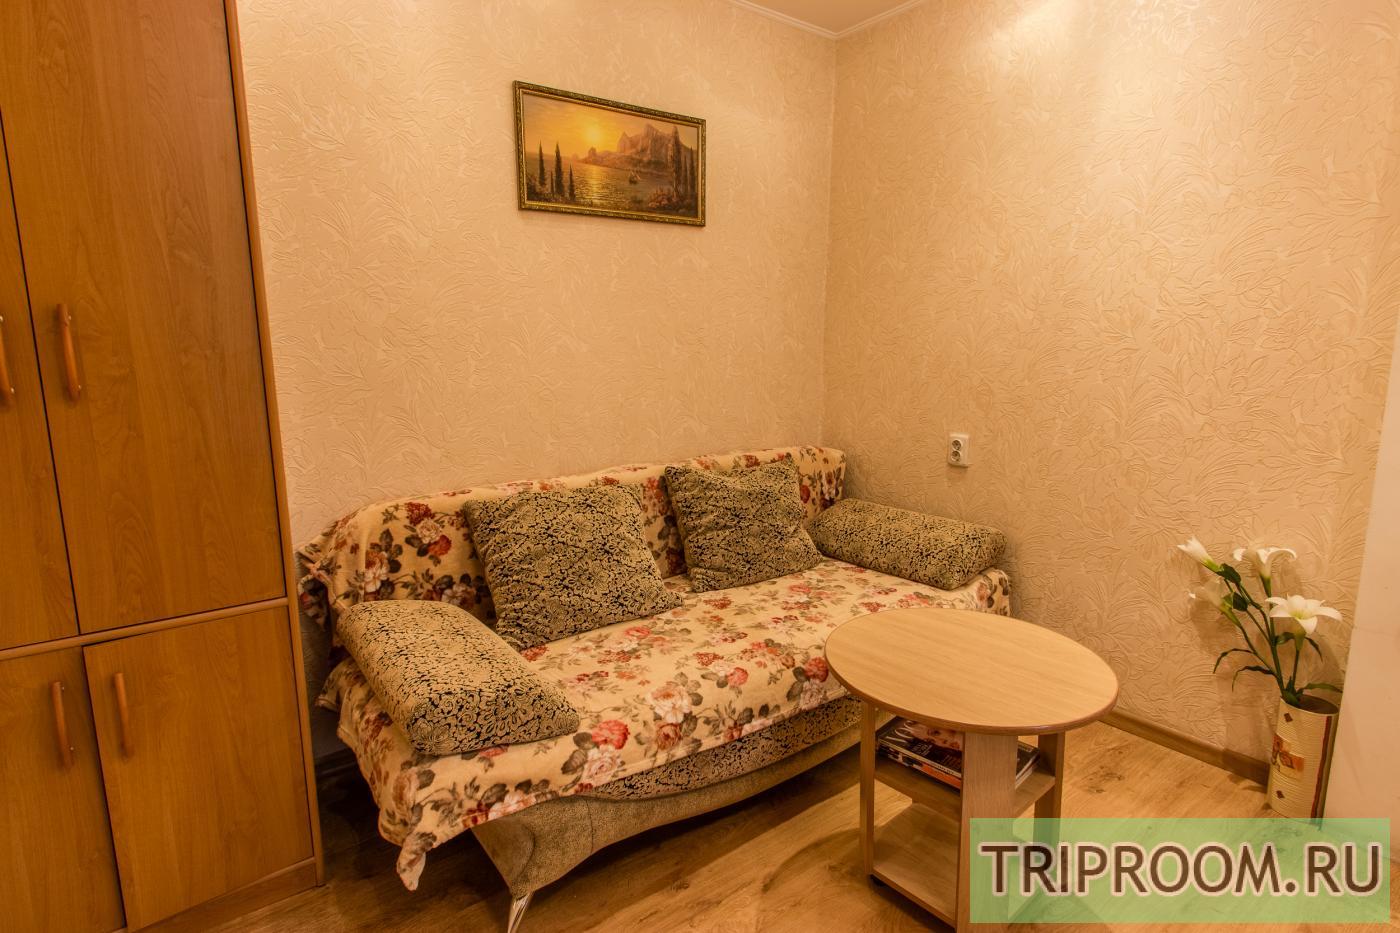 1-комнатная квартира посуточно (вариант № 1545), ул. Гоголя улица, фото № 3